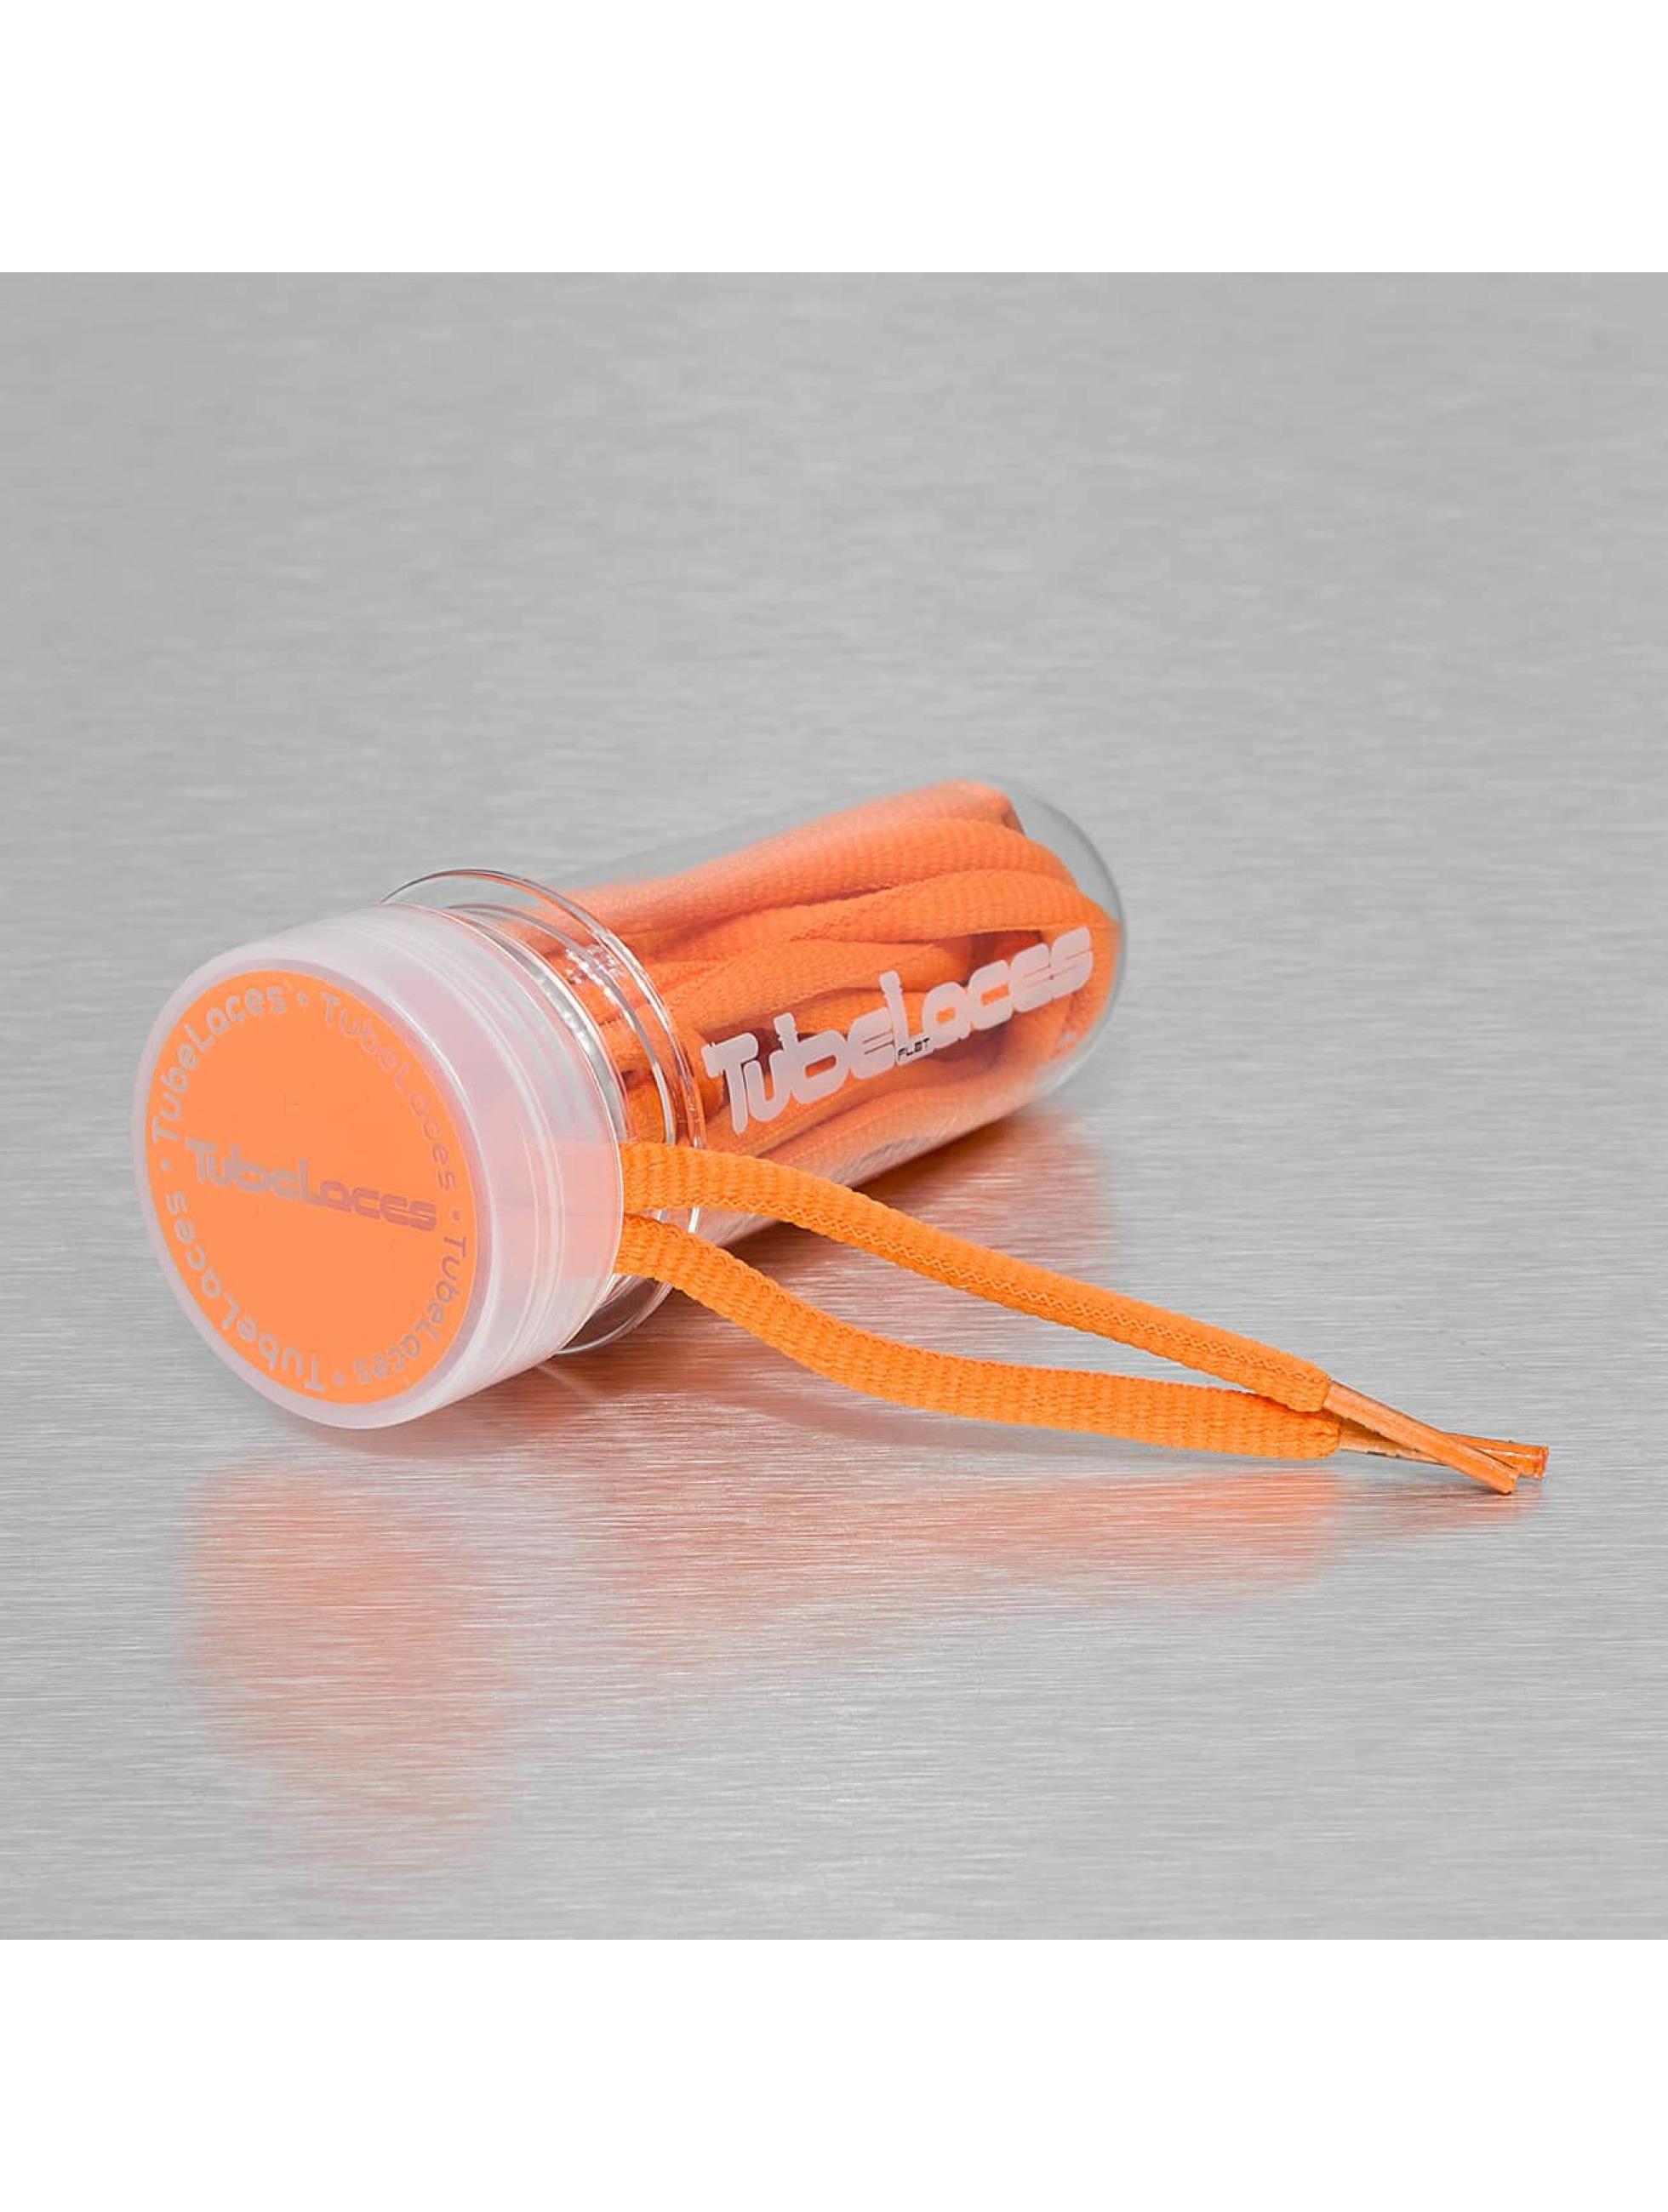 Tubelaces Männer,Frauen Schuhzubehör Pad Laces 130cm in orange